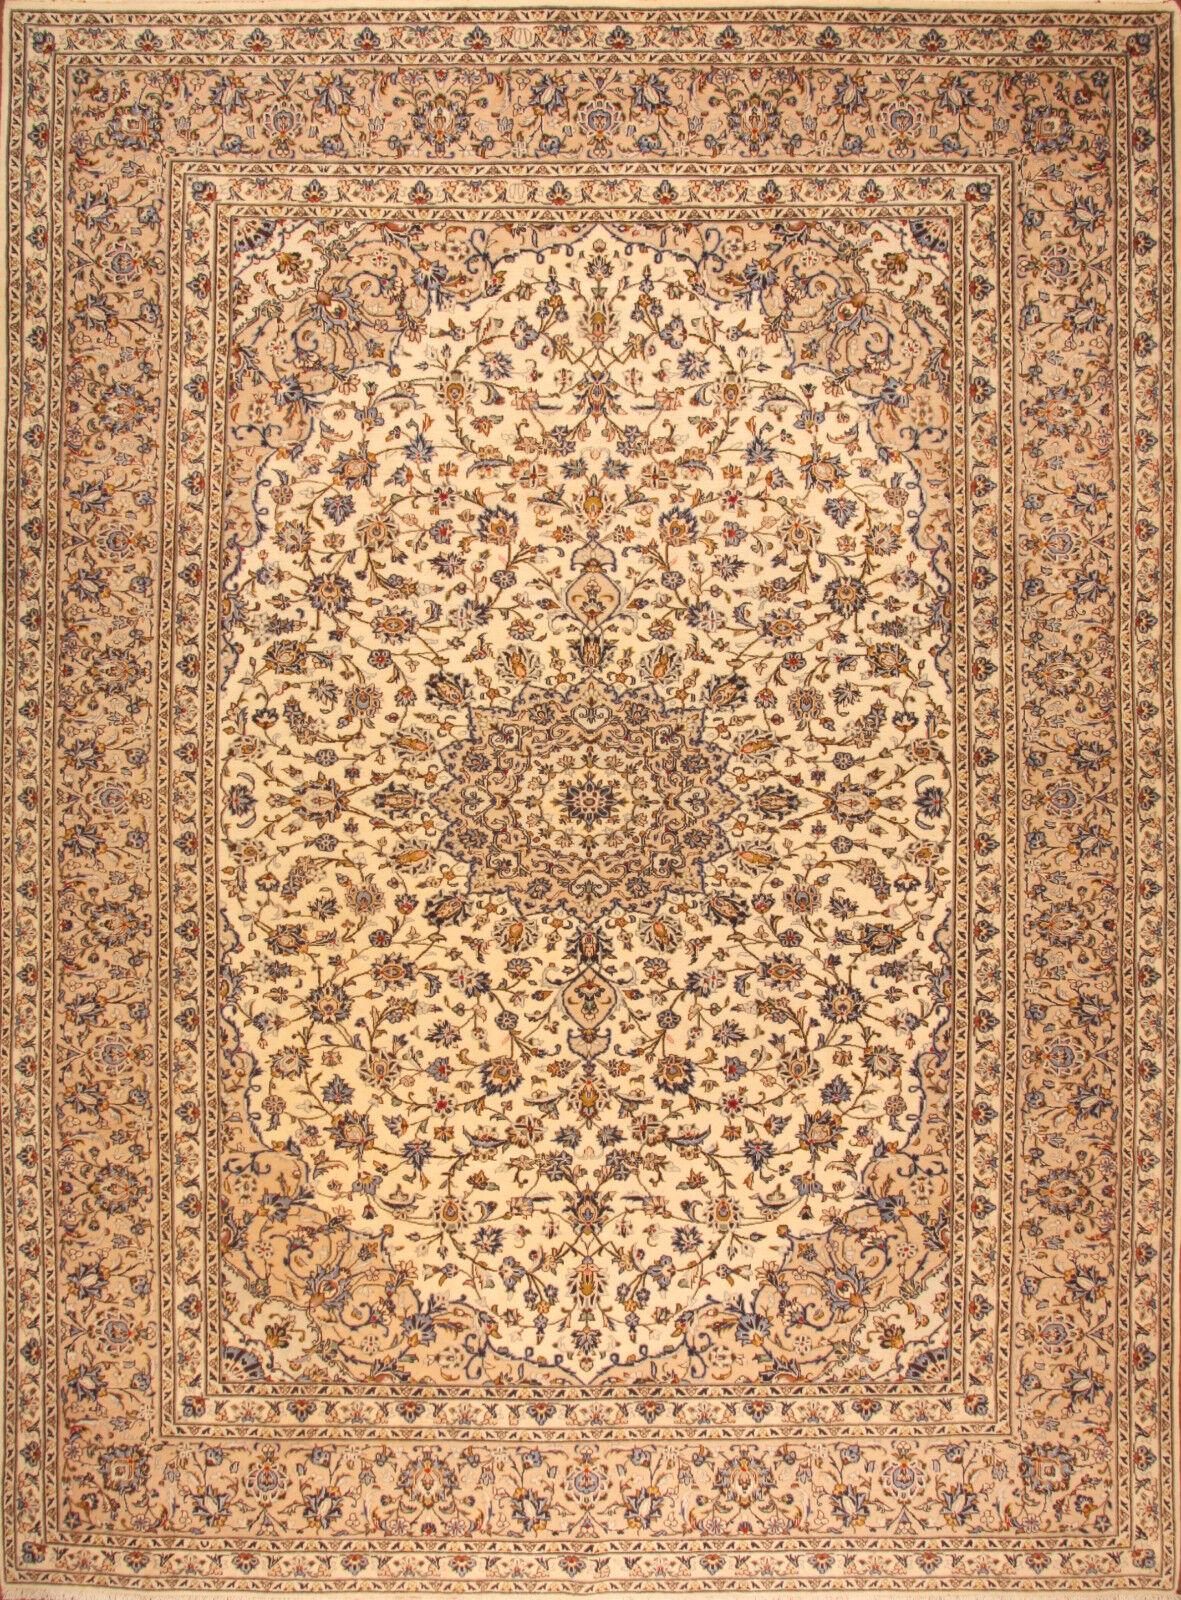 TAPPETO Orientale Vero Annodato Tapis persan n. 4213 4213 4213 (400 x 300) cm 113d1e